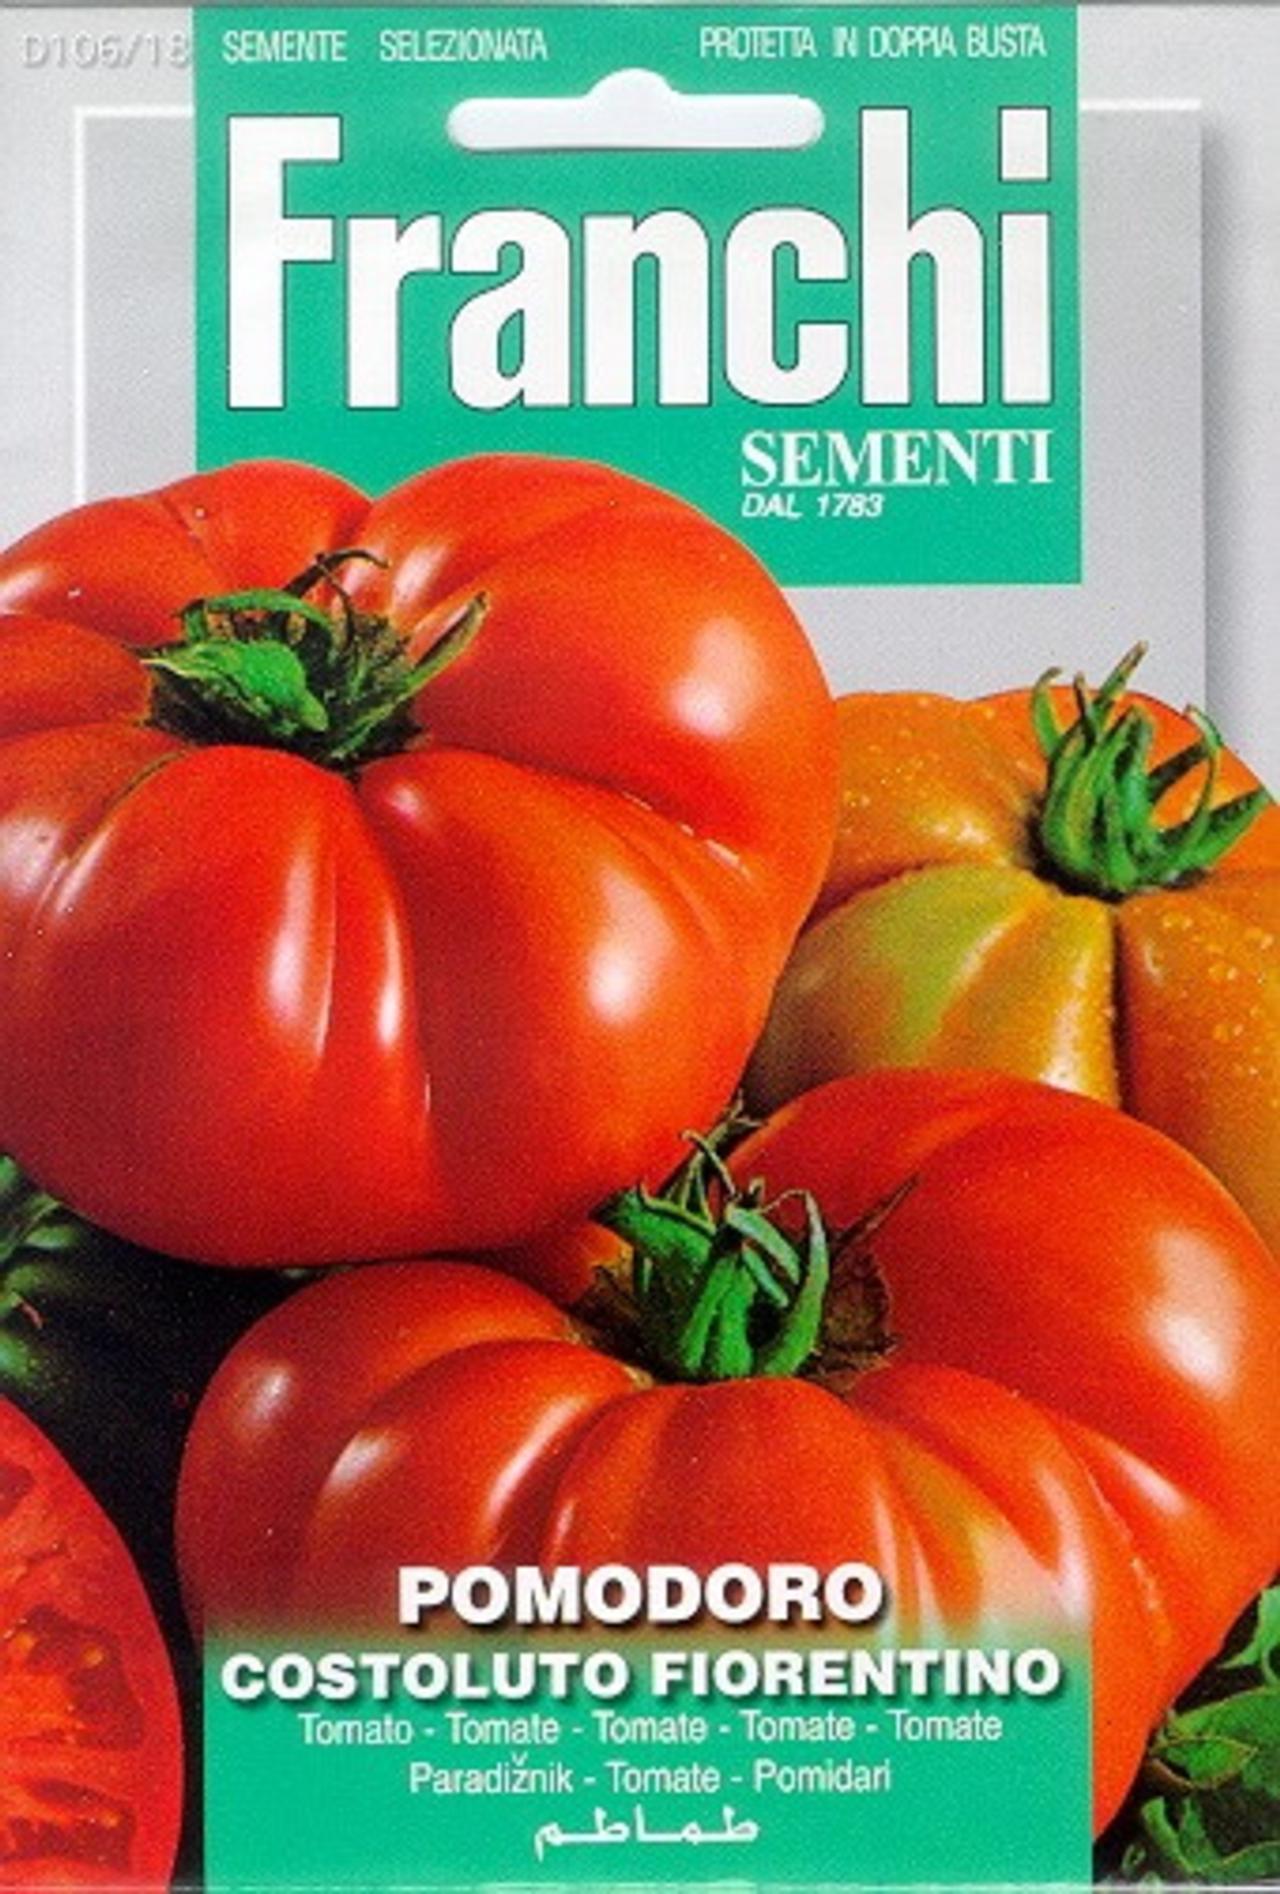 Solanum lycopersicum 'Costoluto Fiorentino' plant